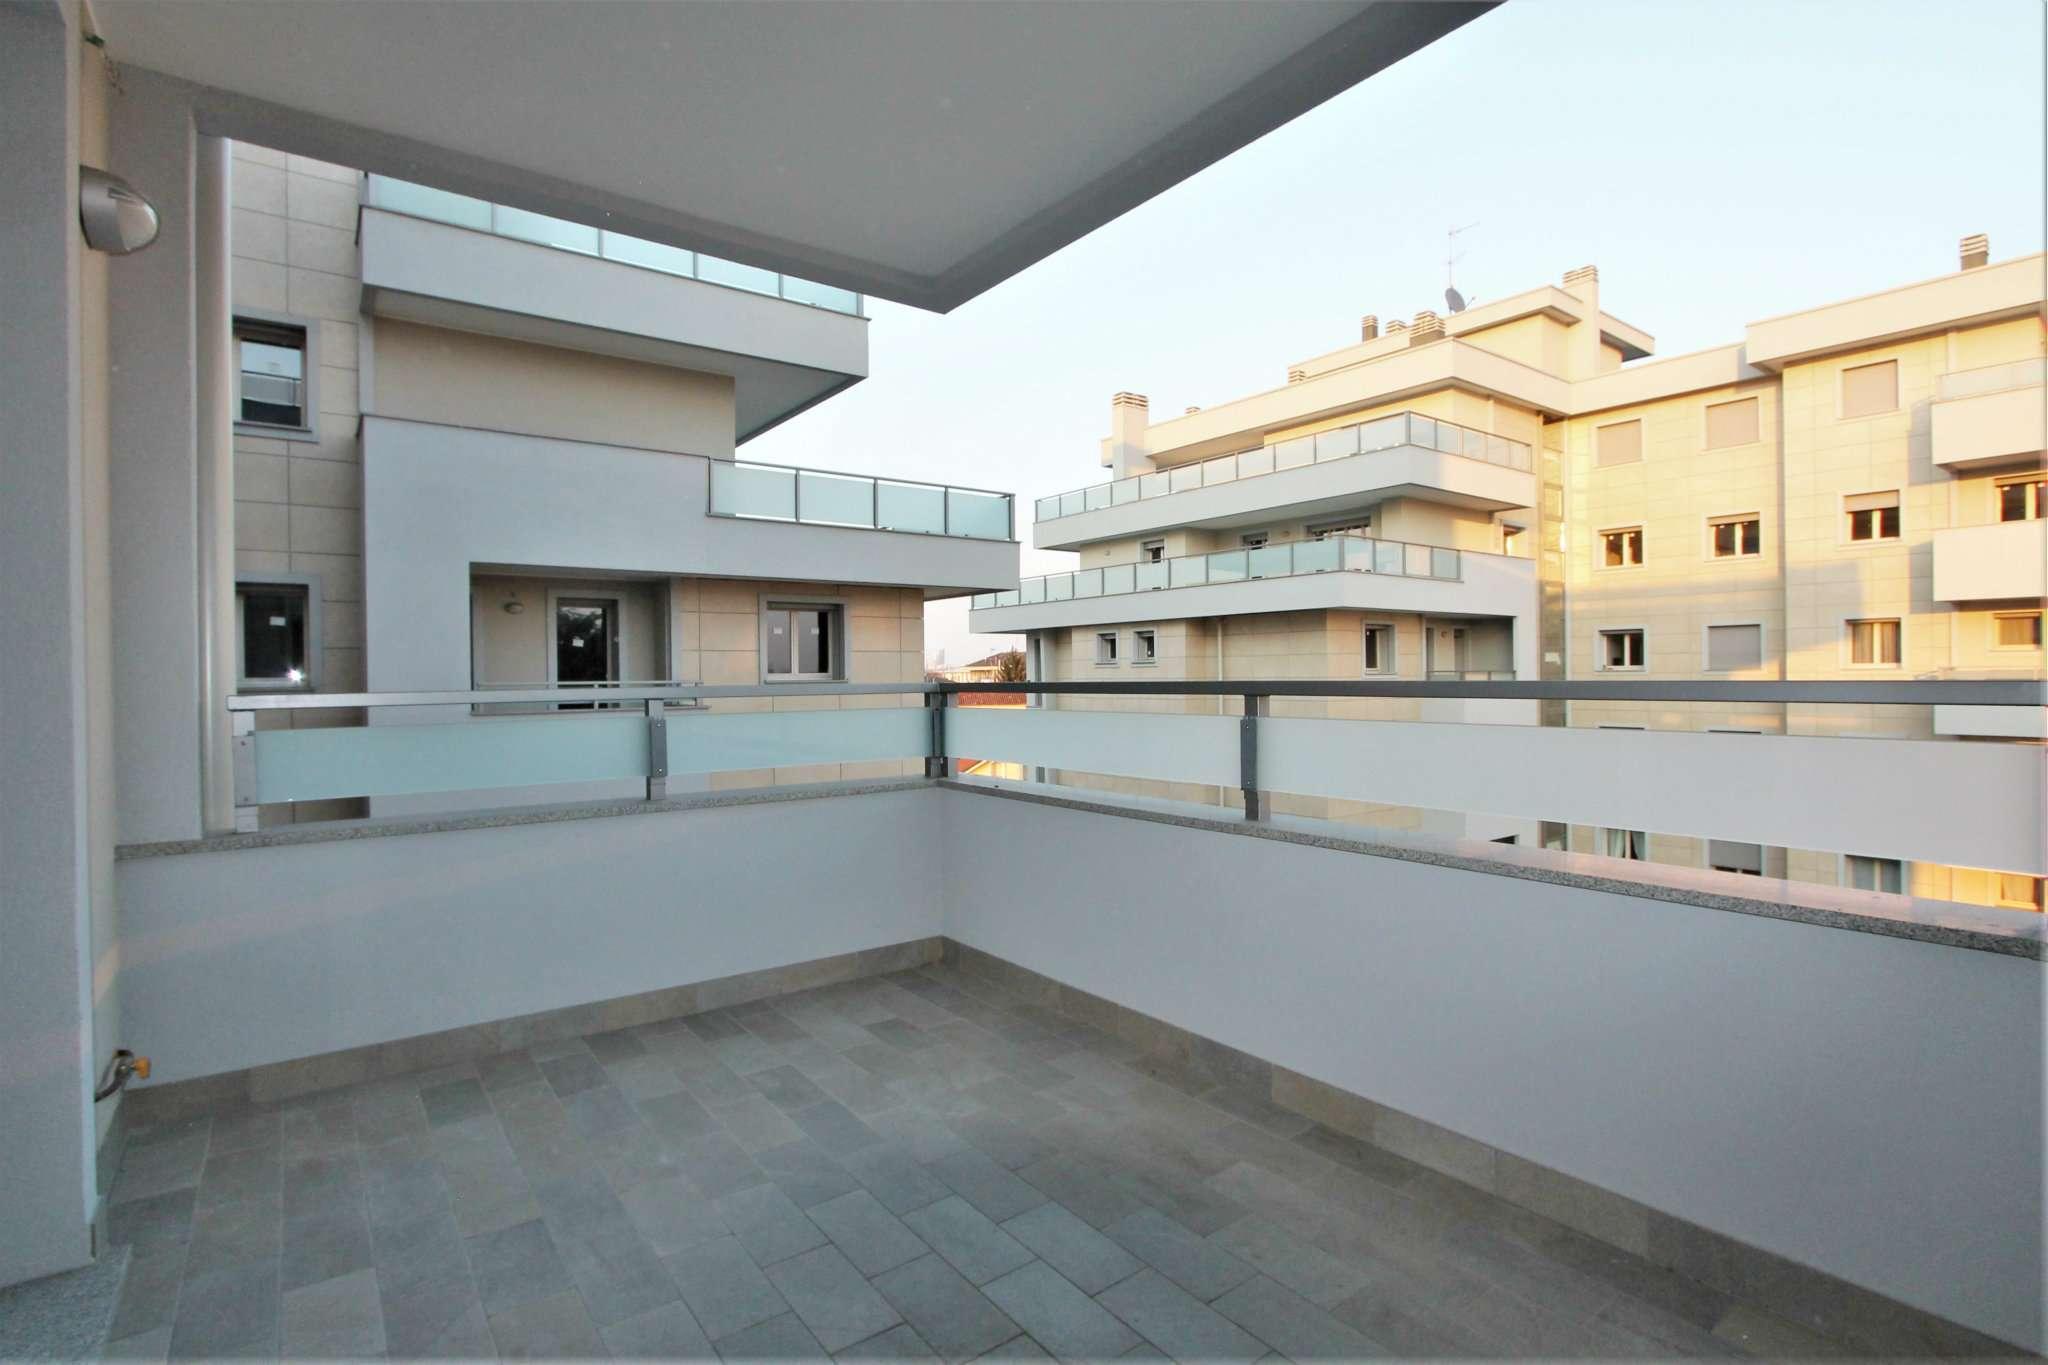 Appartamento in vendita a Nova Milanese, 3 locali, prezzo € 254.000 | PortaleAgenzieImmobiliari.it